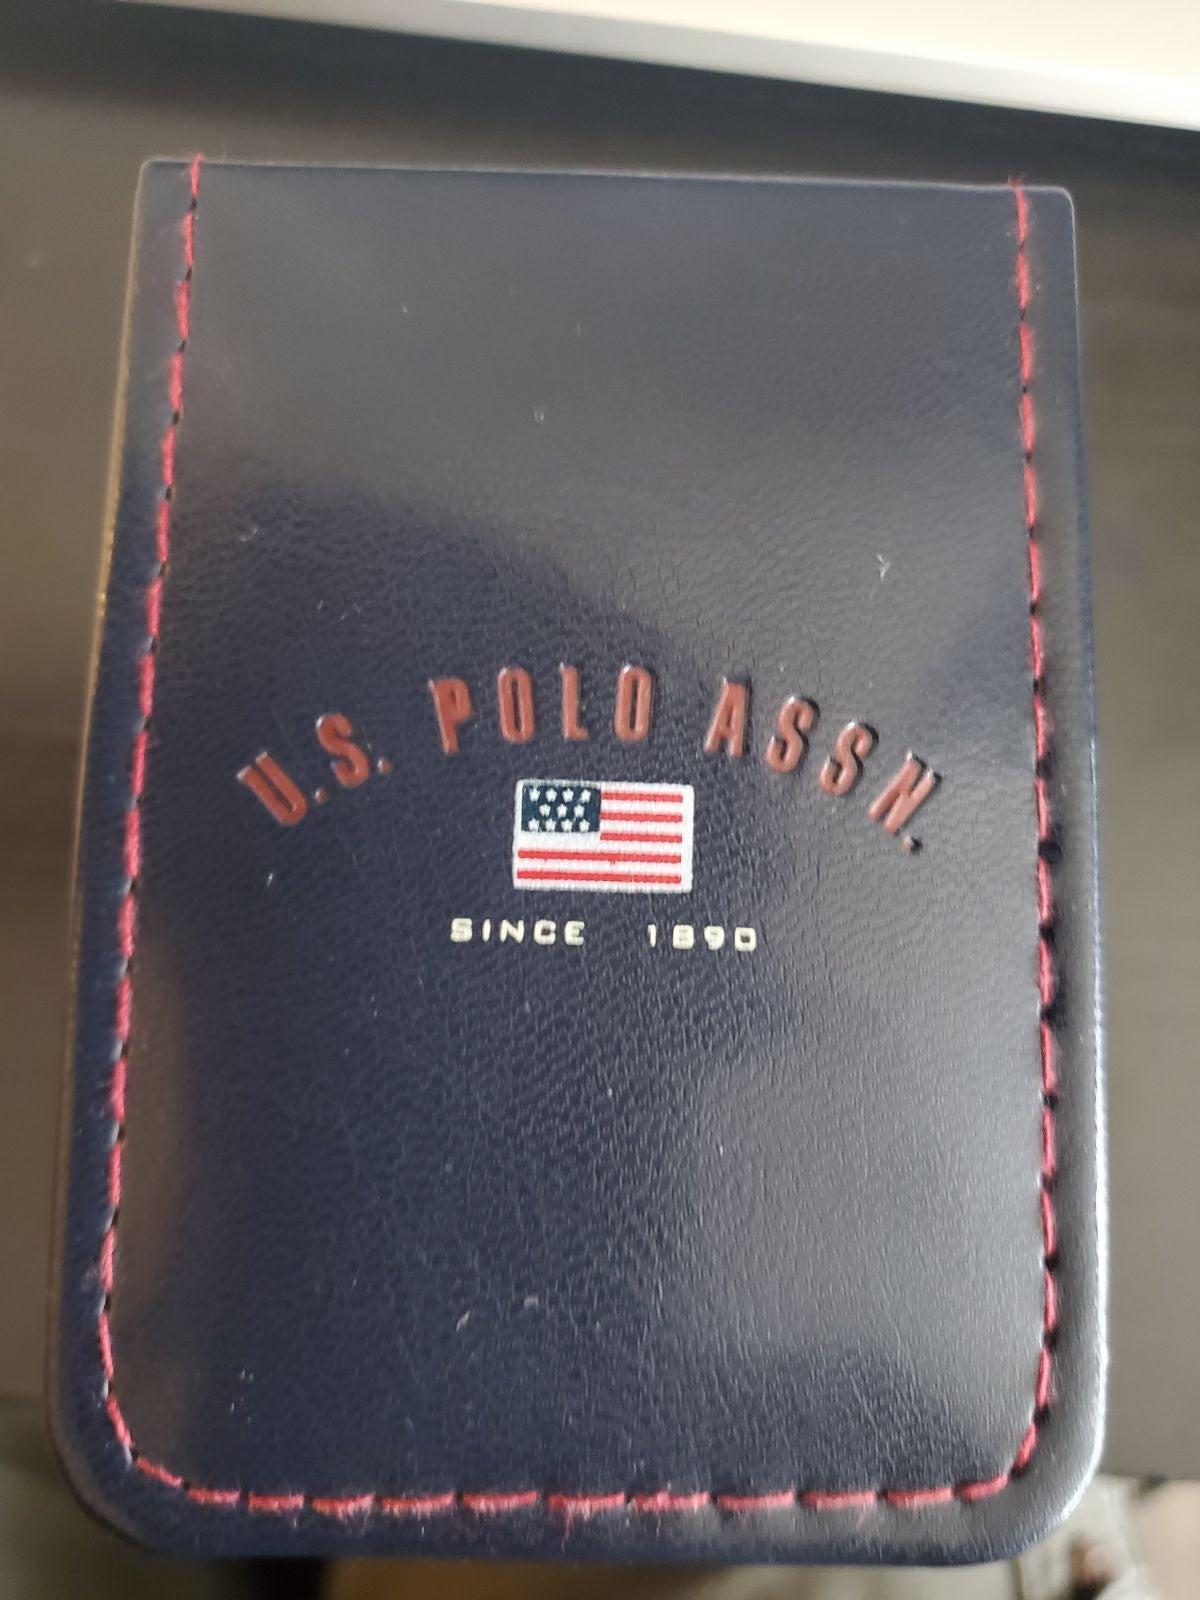 U.S. POLO ASSN watch